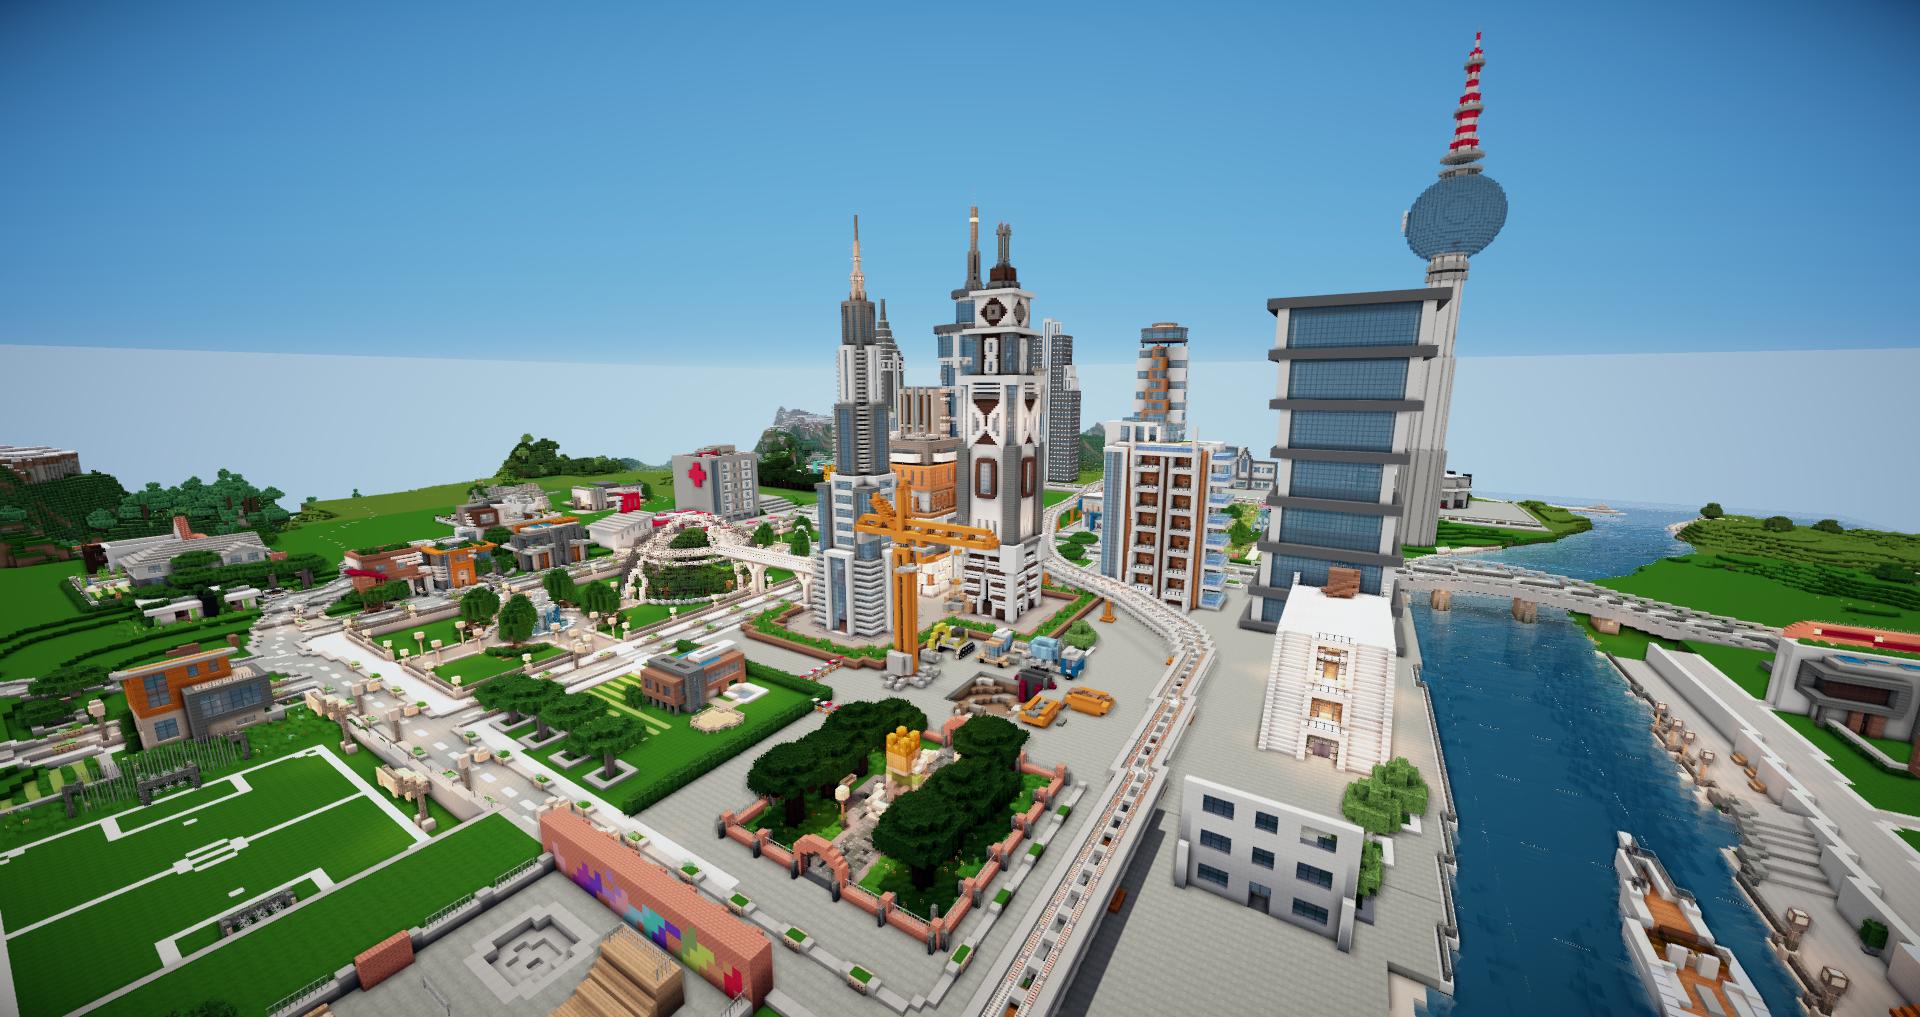 minecraft map city 1.12 2